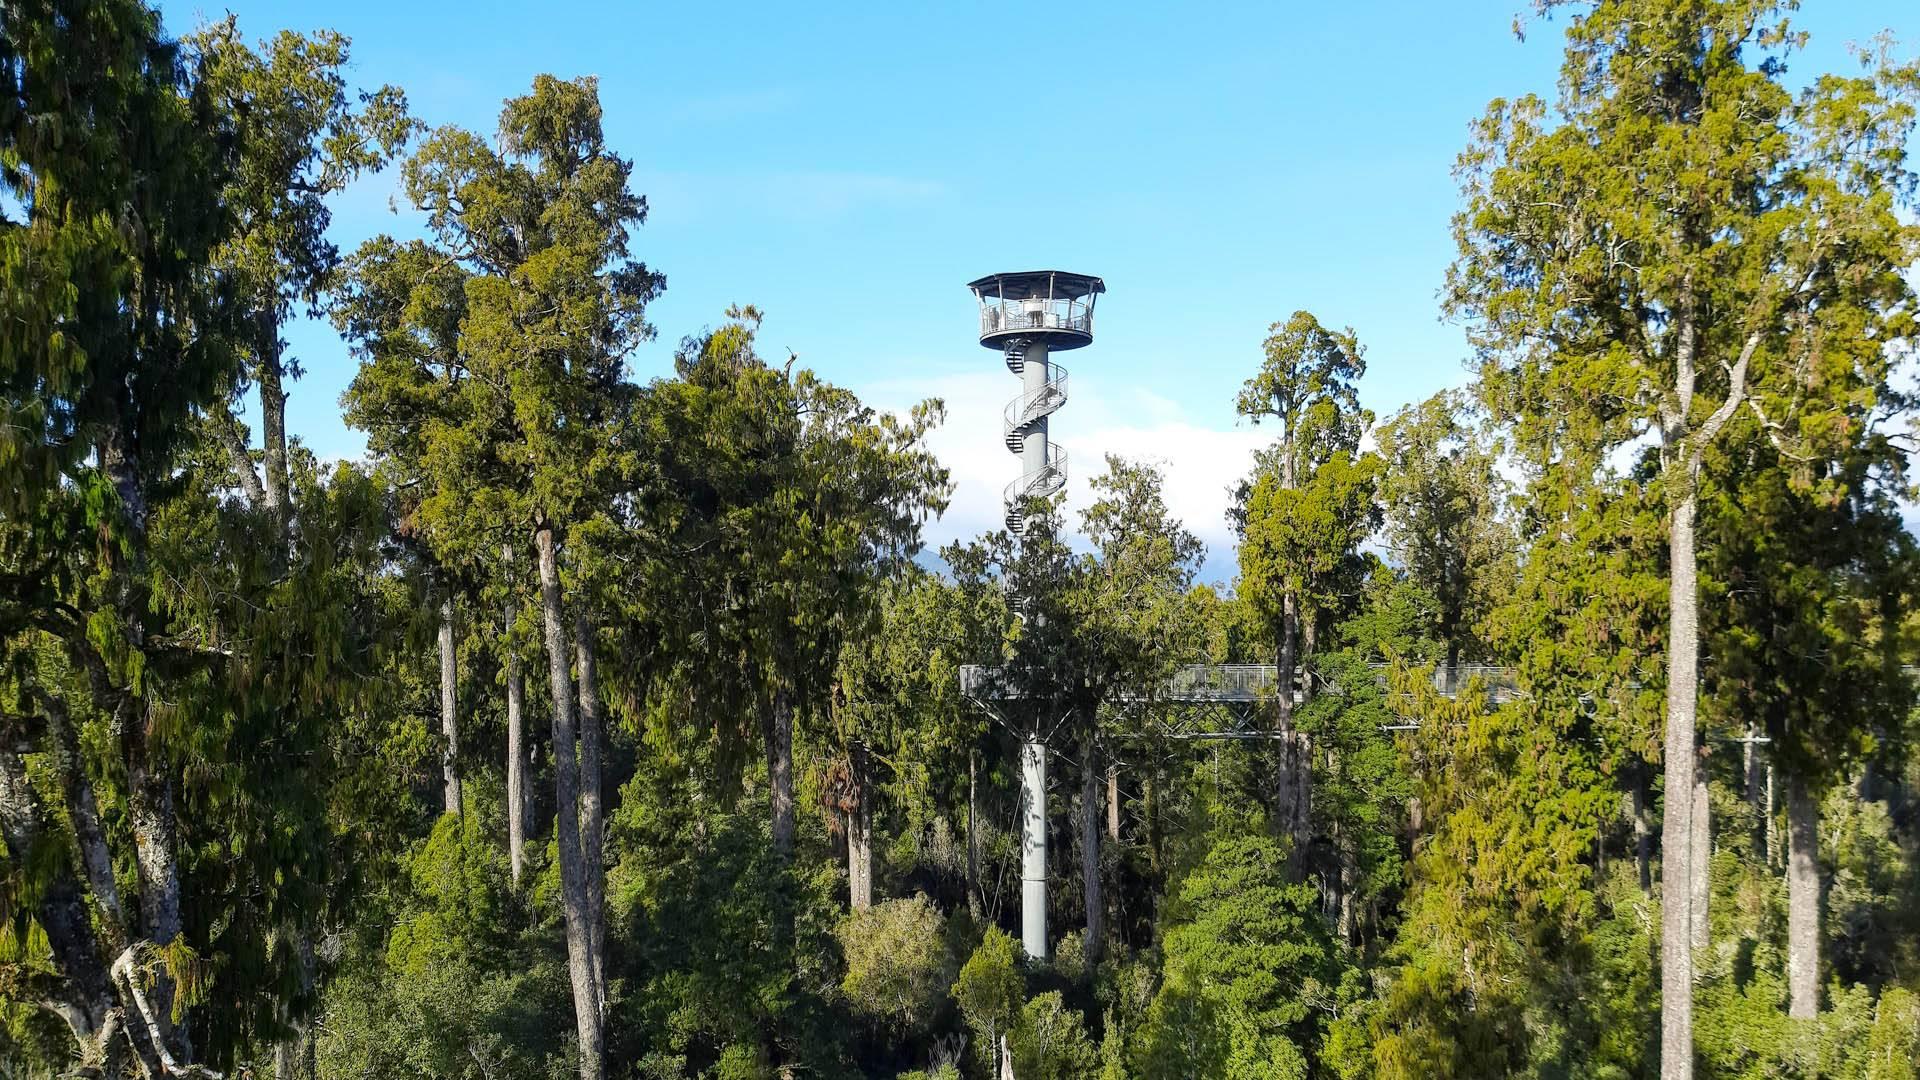 Aussicht auf Bäume und den Aussichtsturm im Tree Top Walk in Hokitika